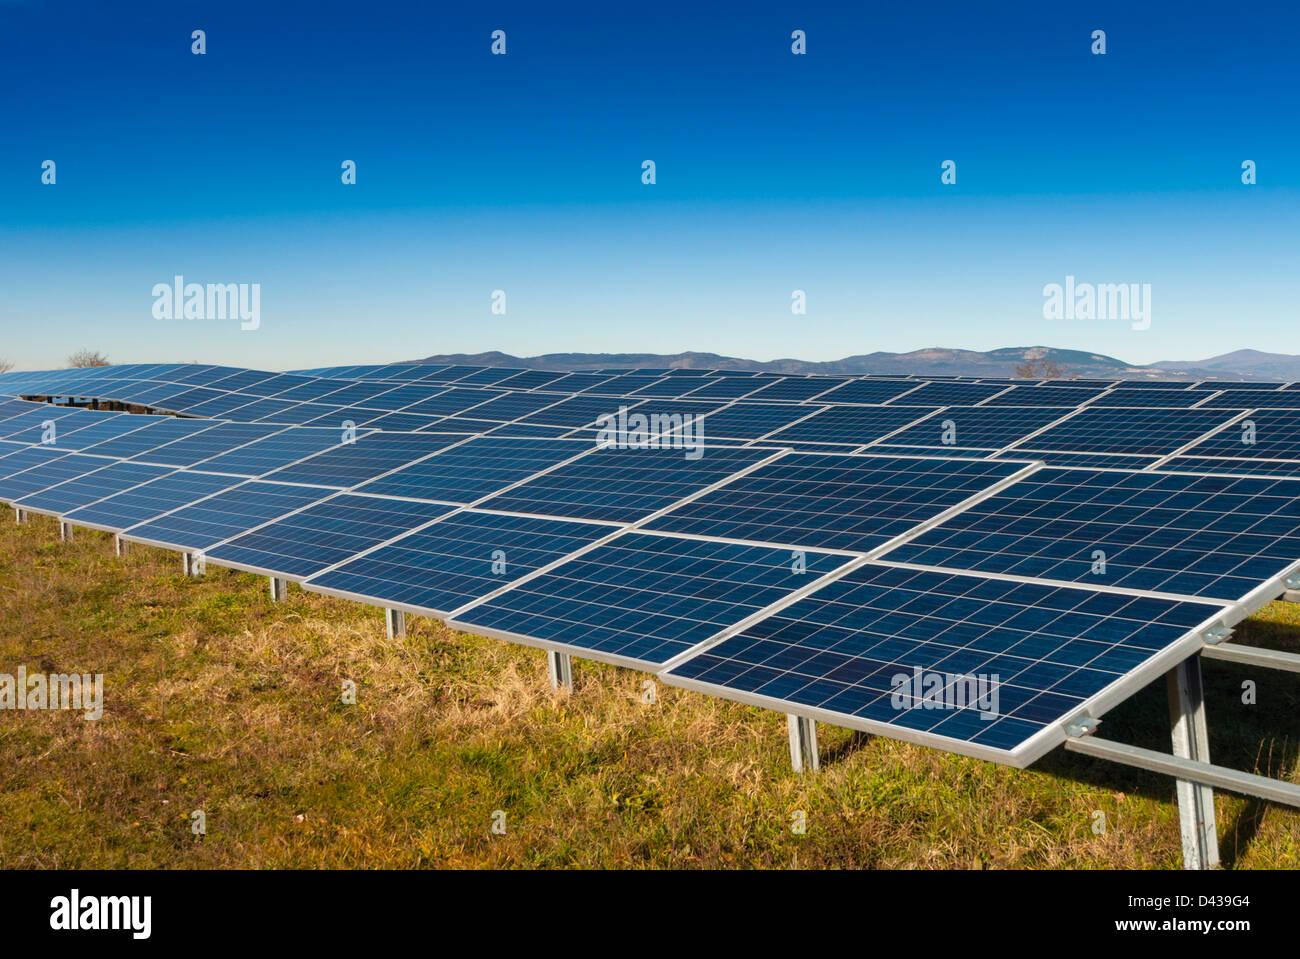 Panel solar de generación de electricidad Imagen De Stock